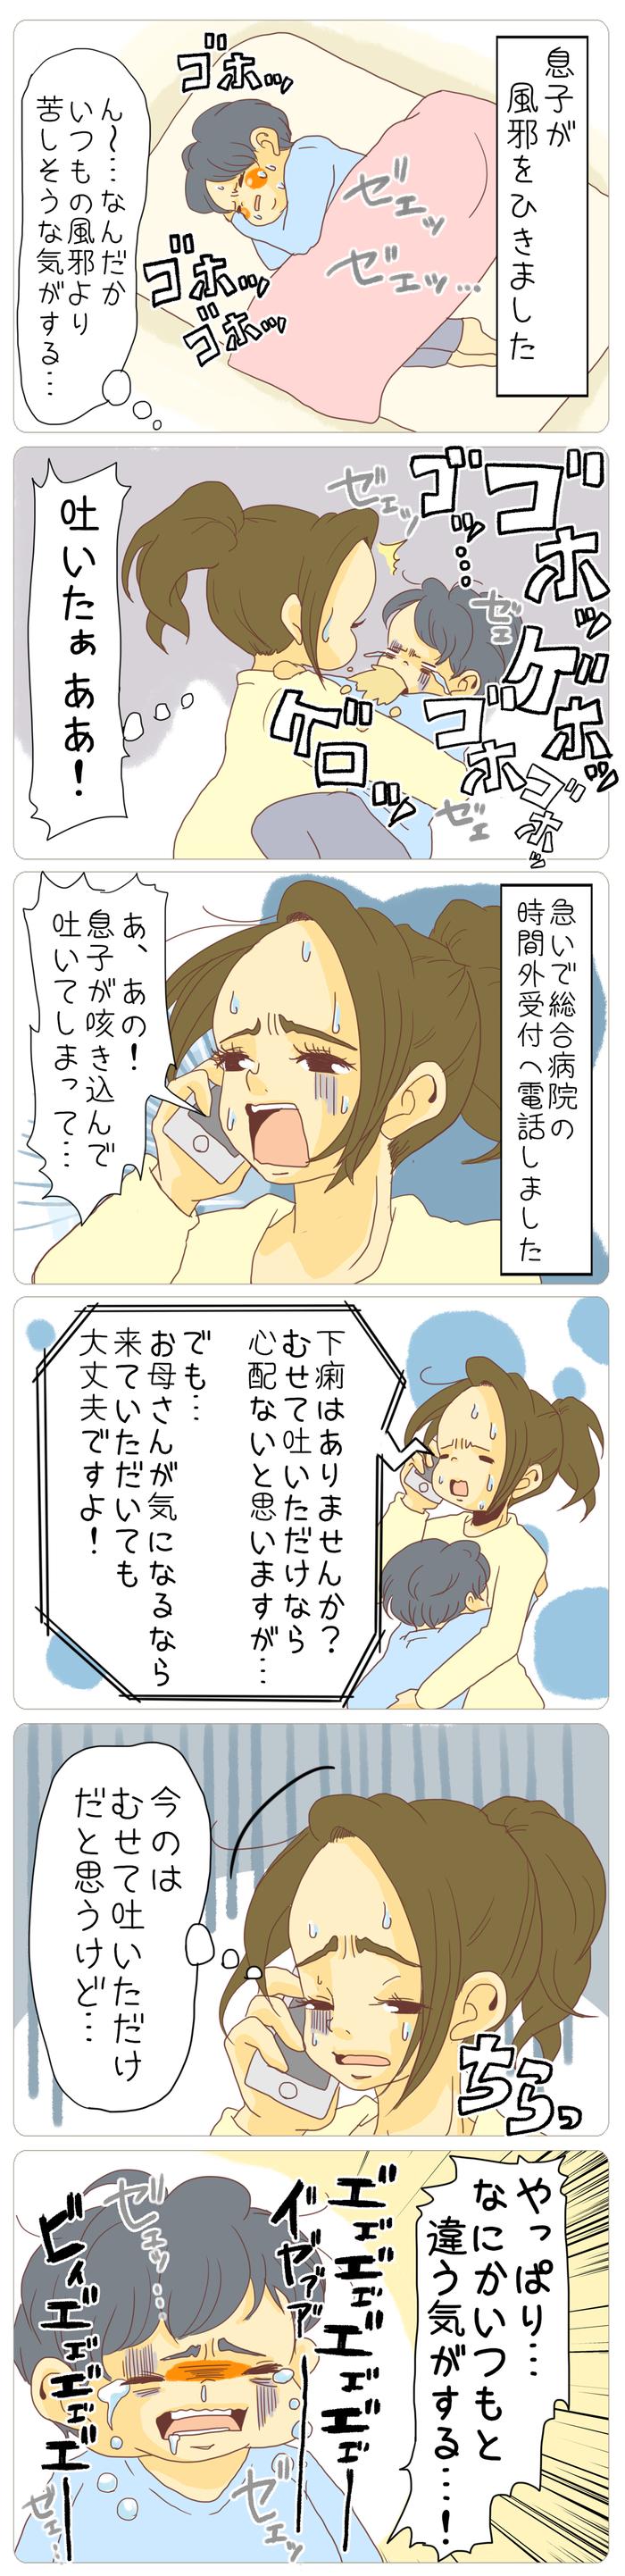 「いつもの風邪?でも、何か様子がおかしい…」という親の勘、やっぱり侮れない!の画像1